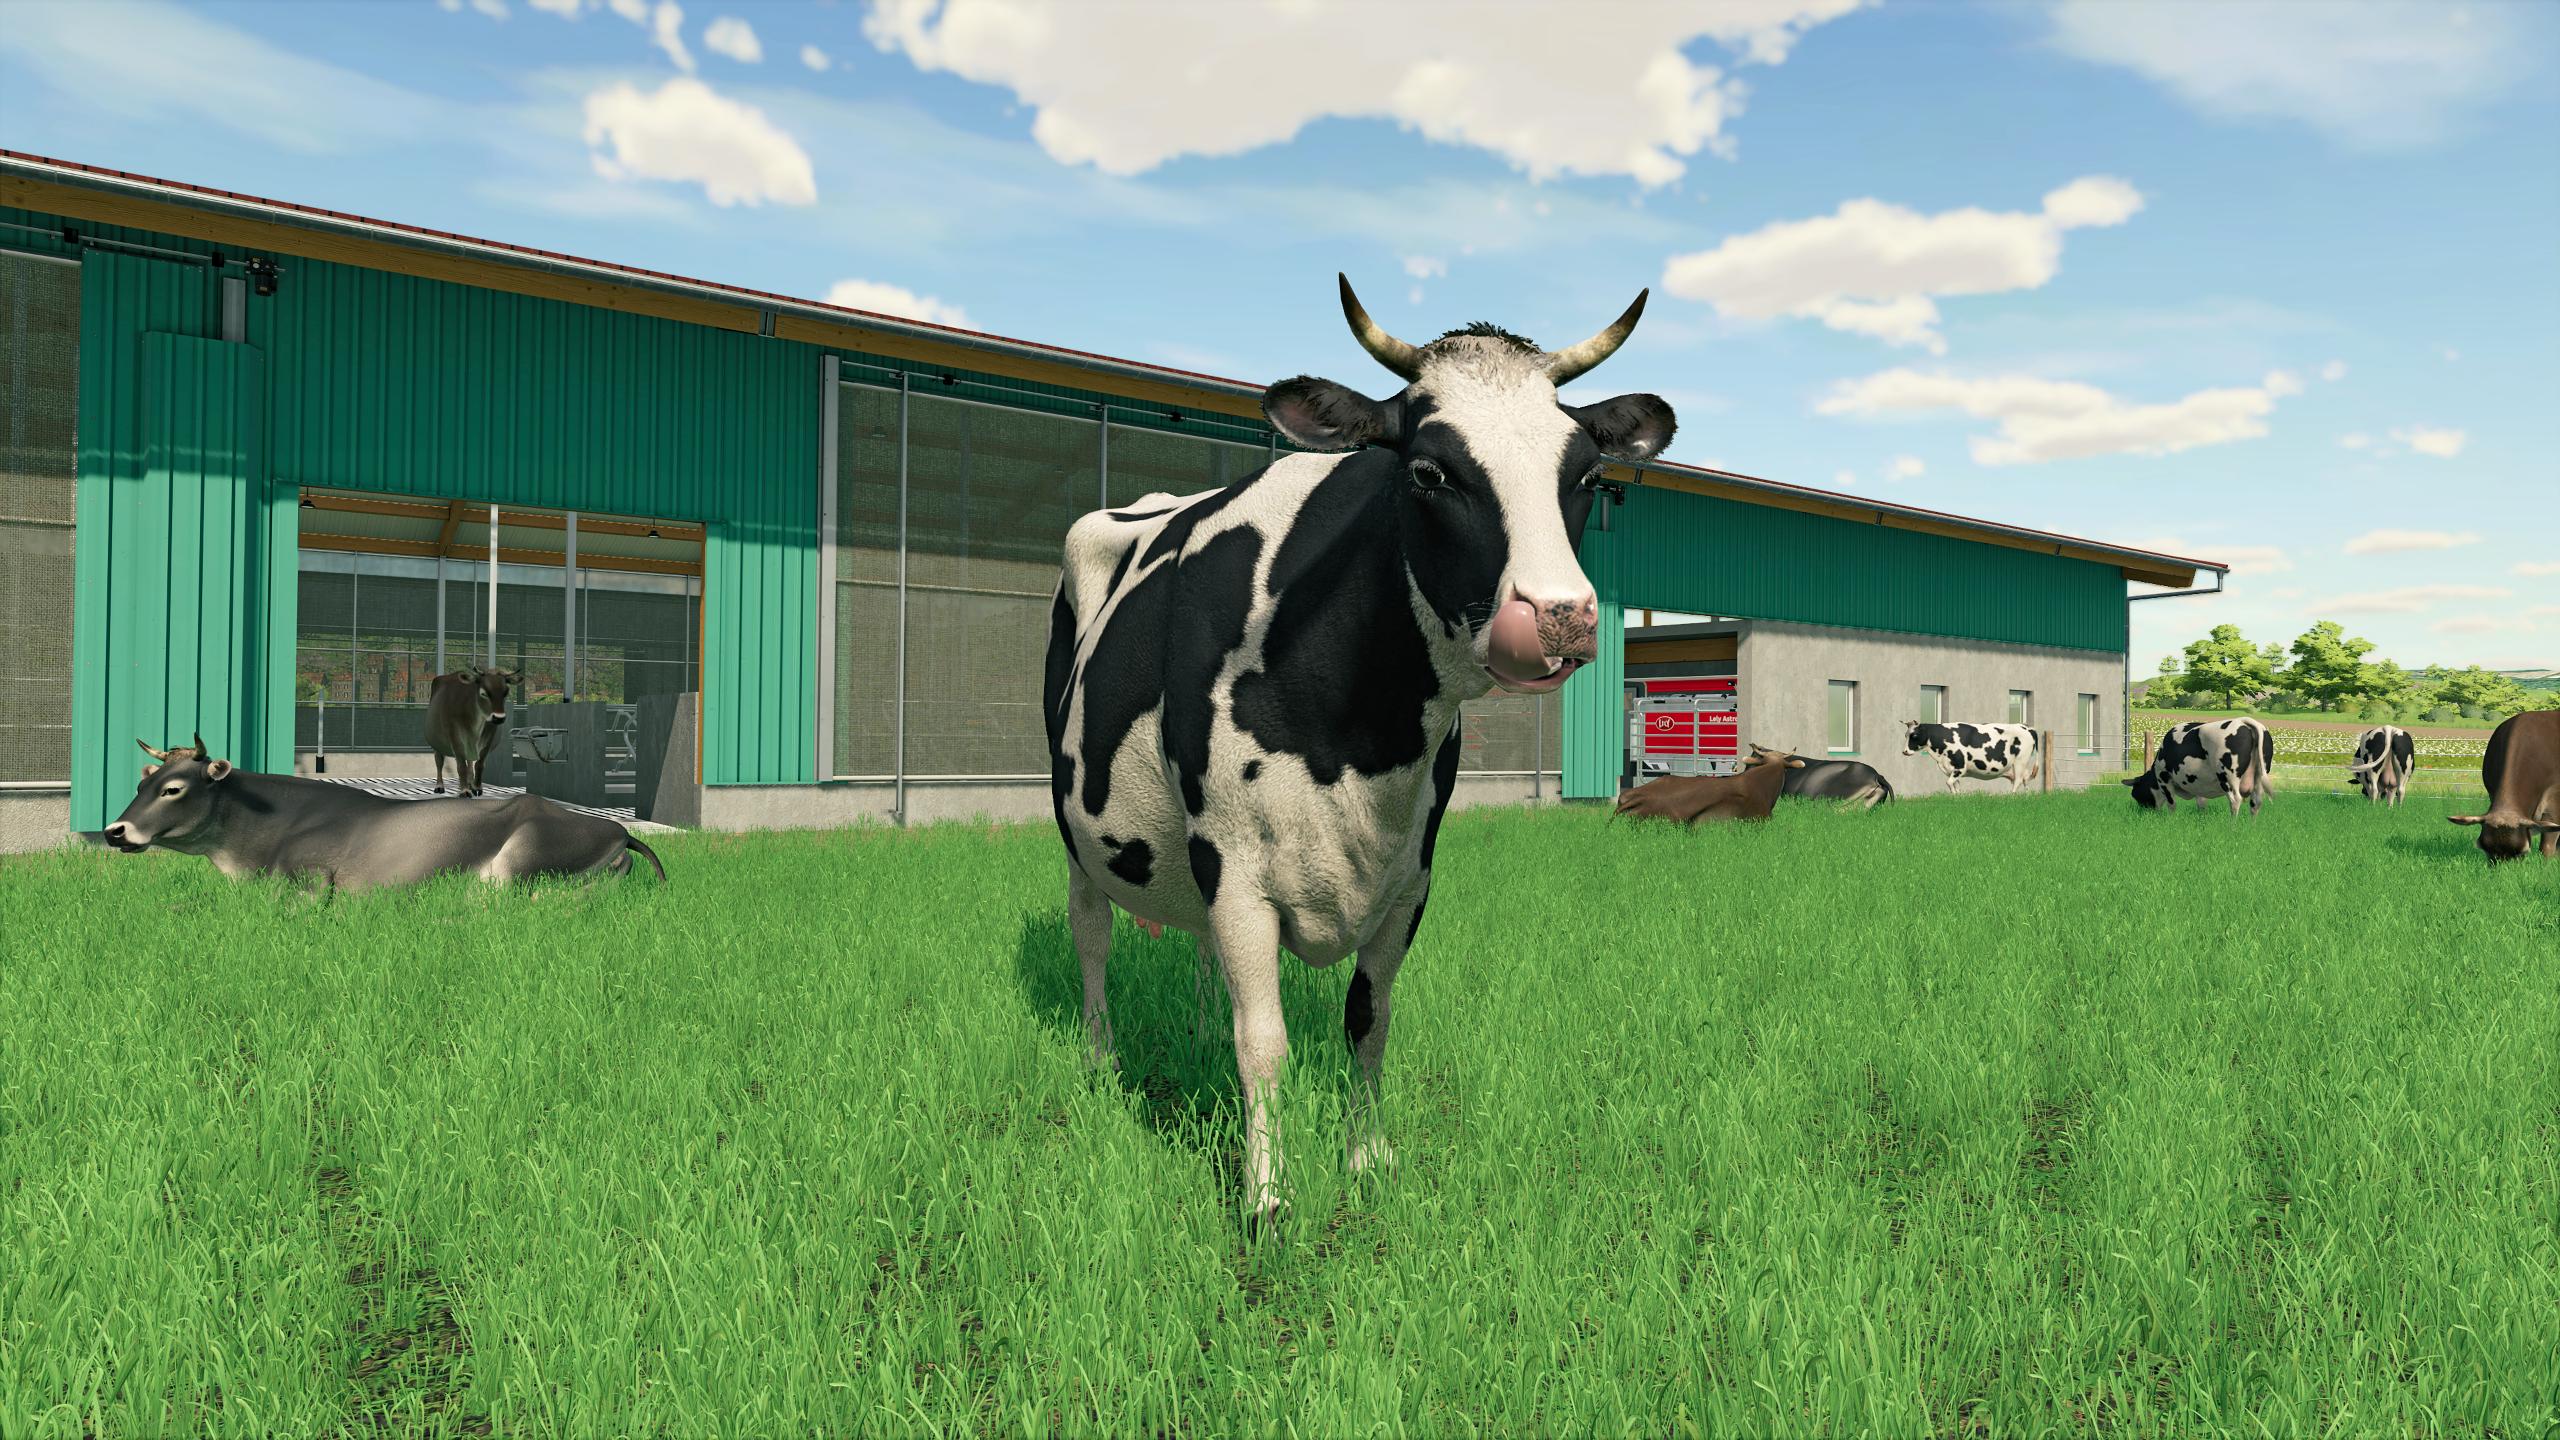 FS22-Cows